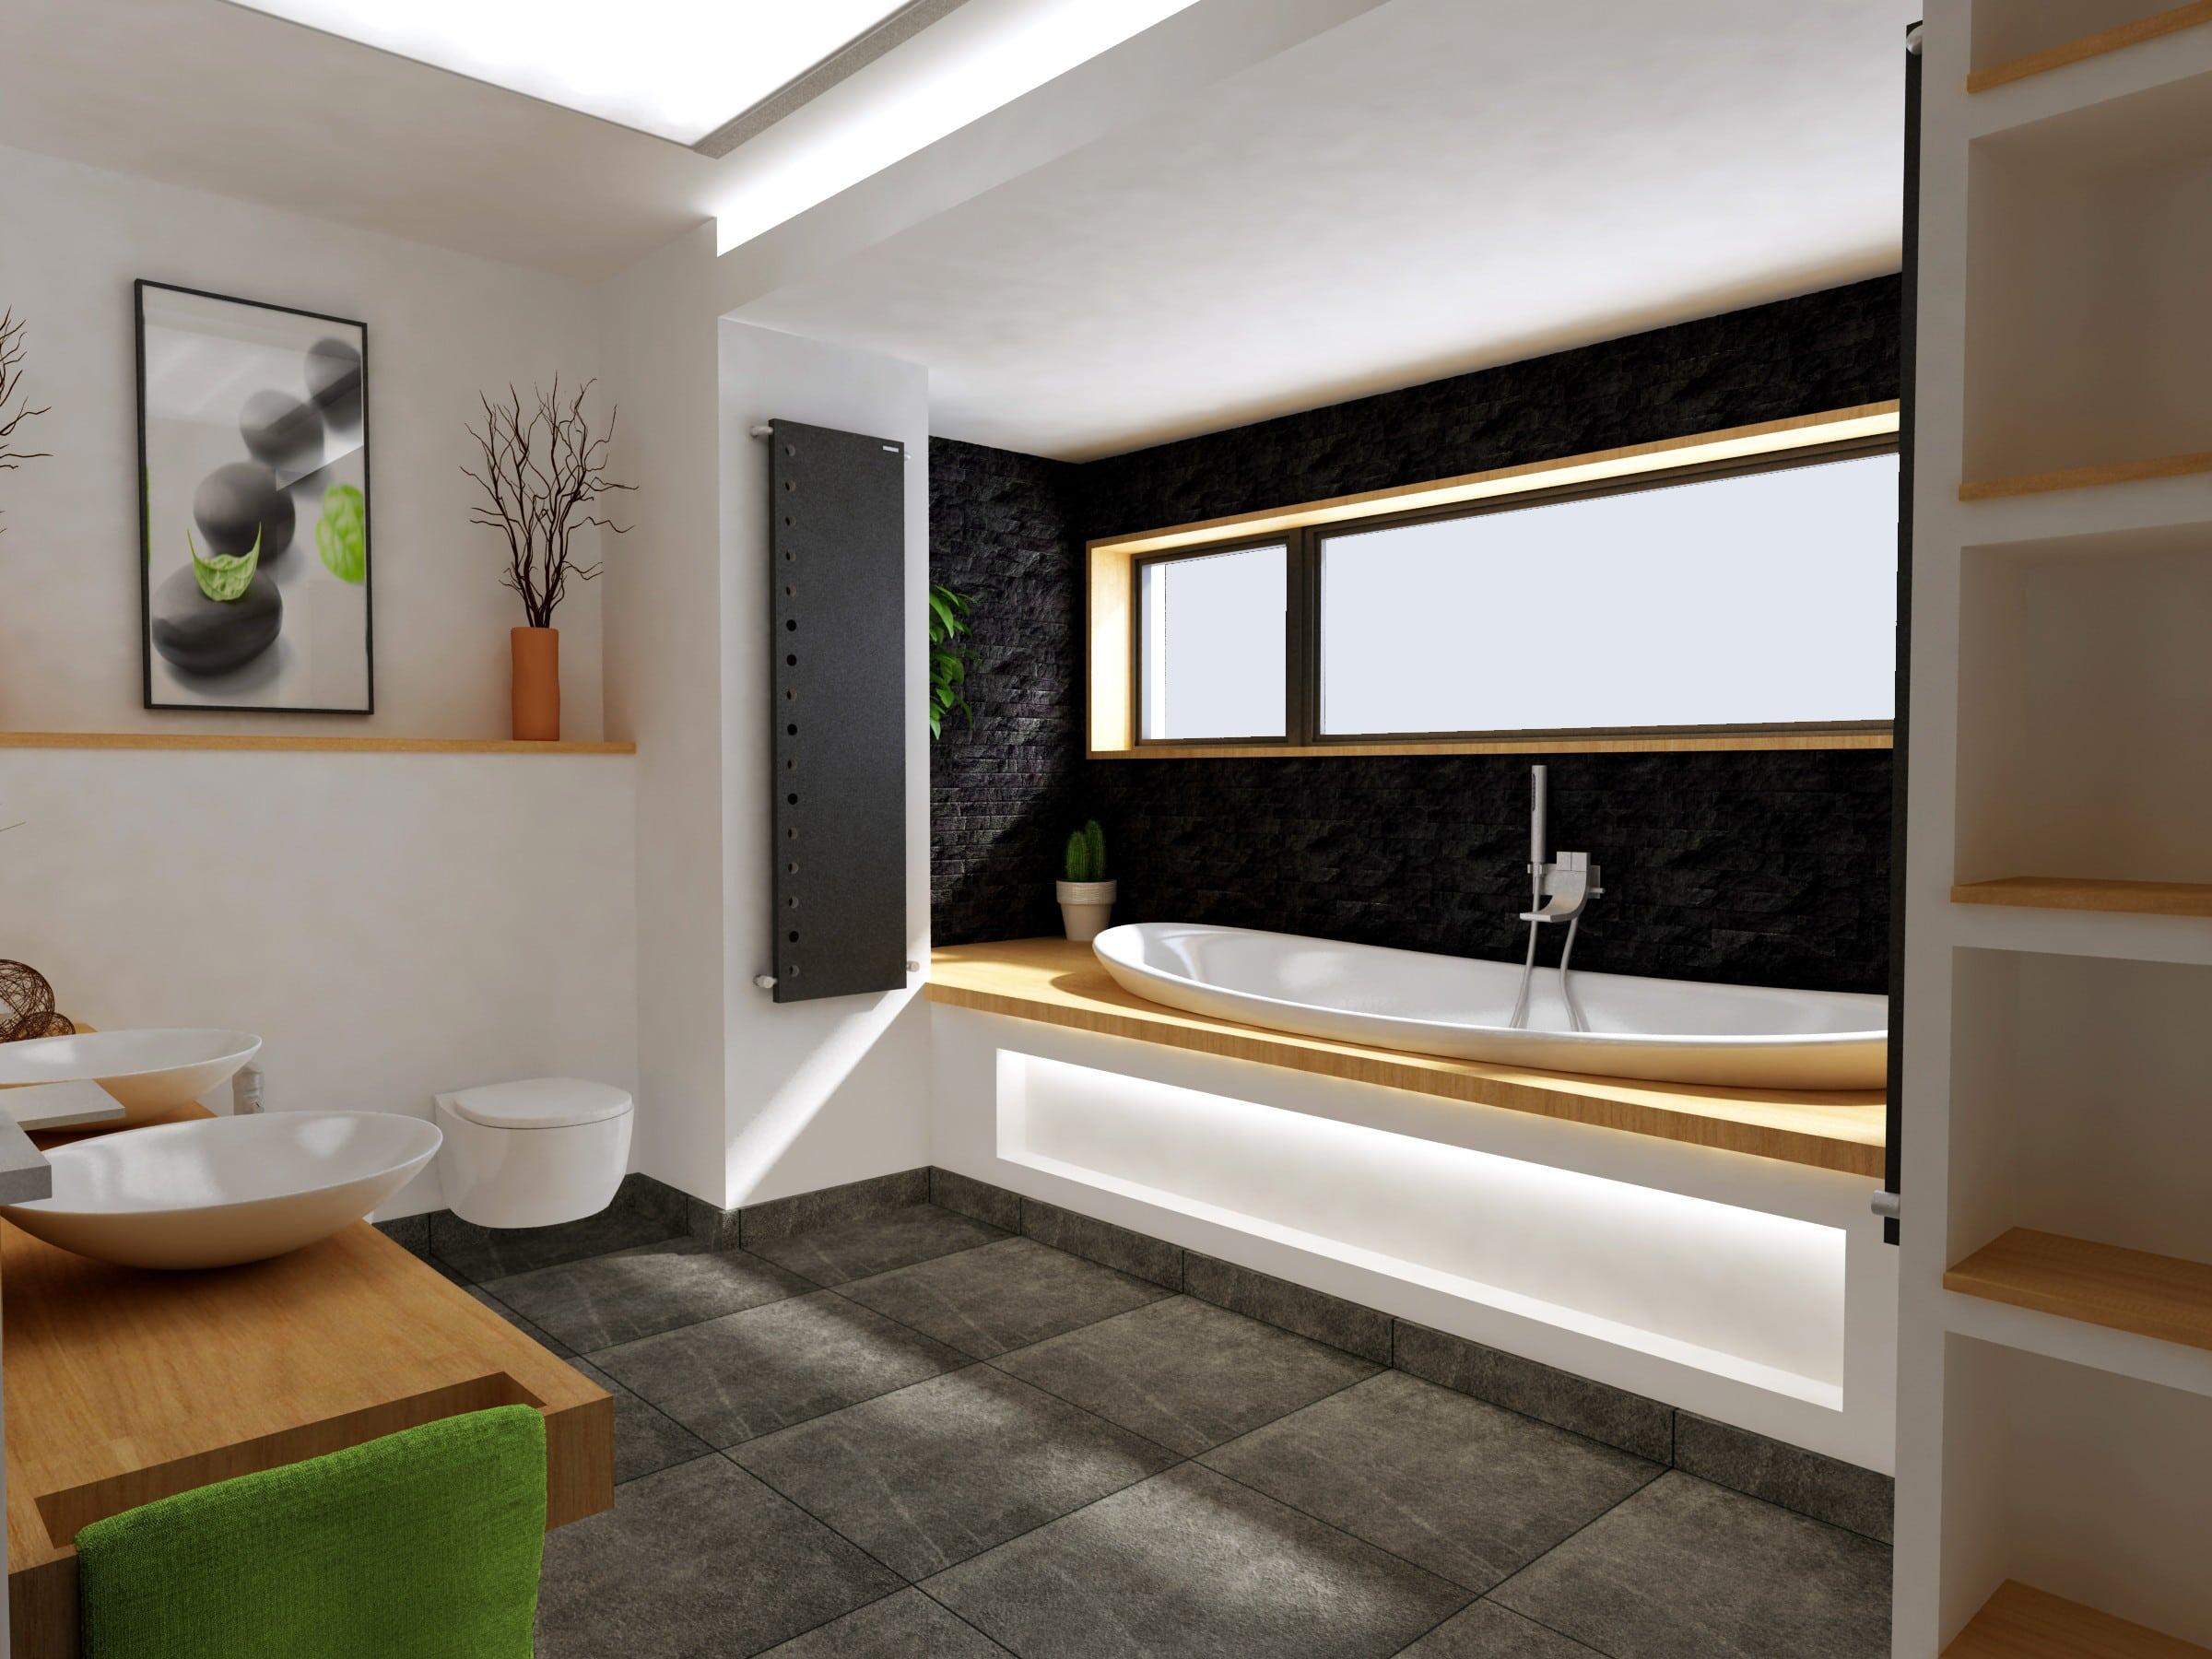 C mo renovar el ba o sin hacer reformas tbp for Renovar dormitorio sin cambiar muebles